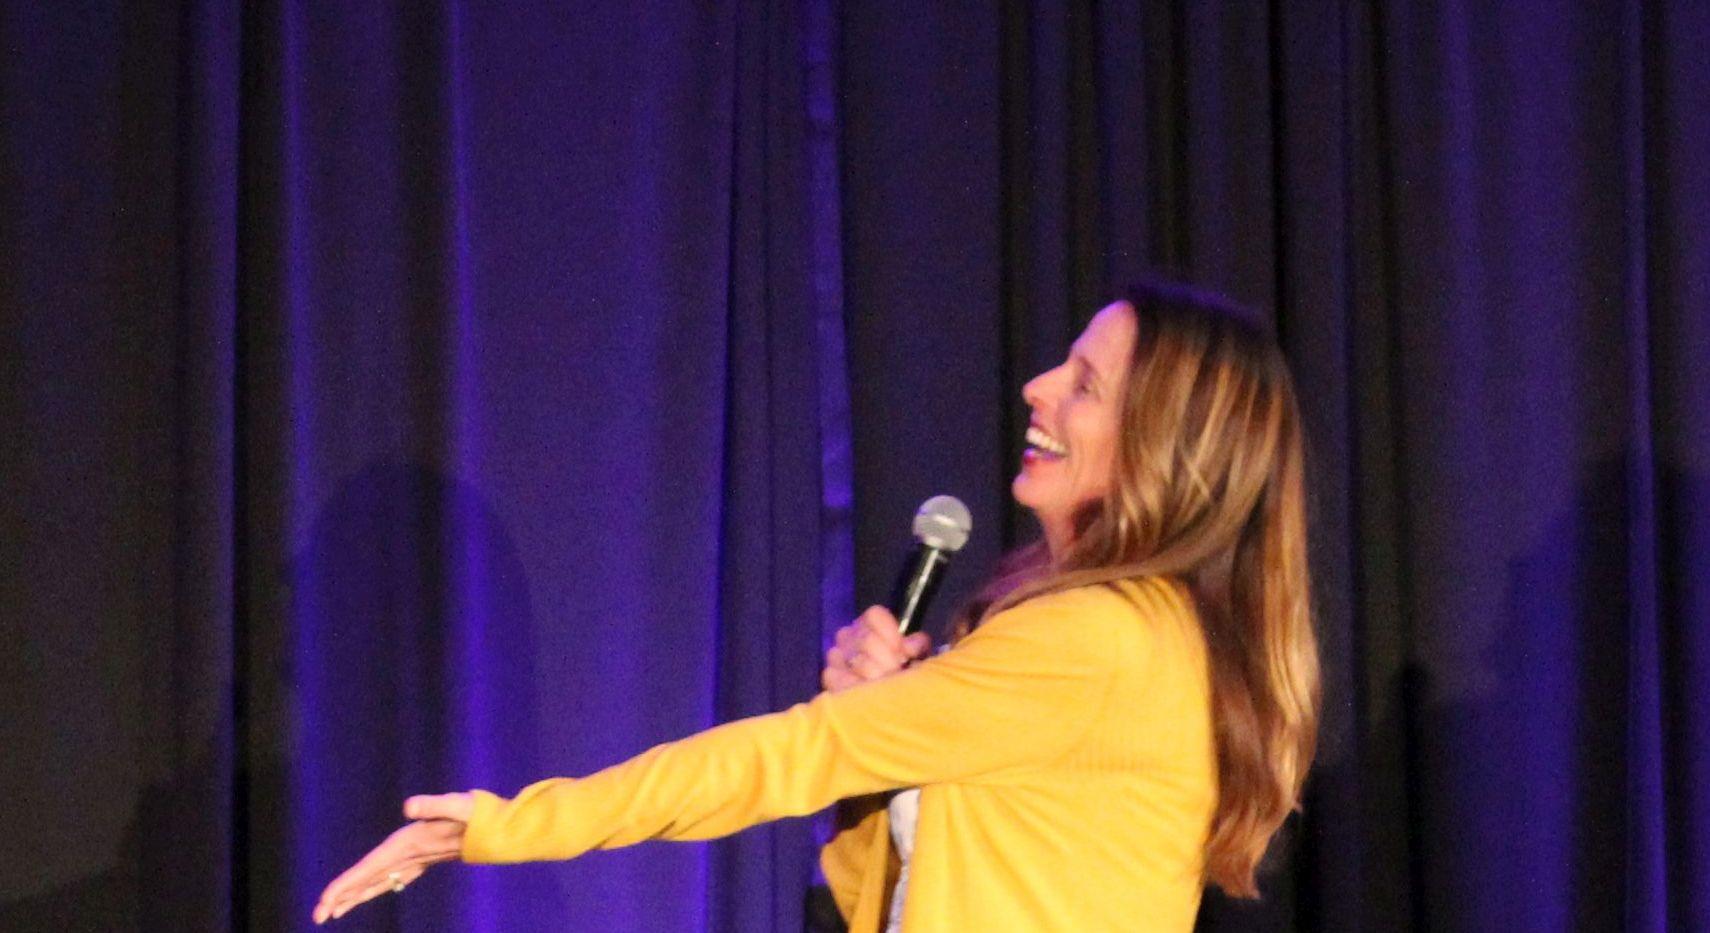 Joanie gesturing